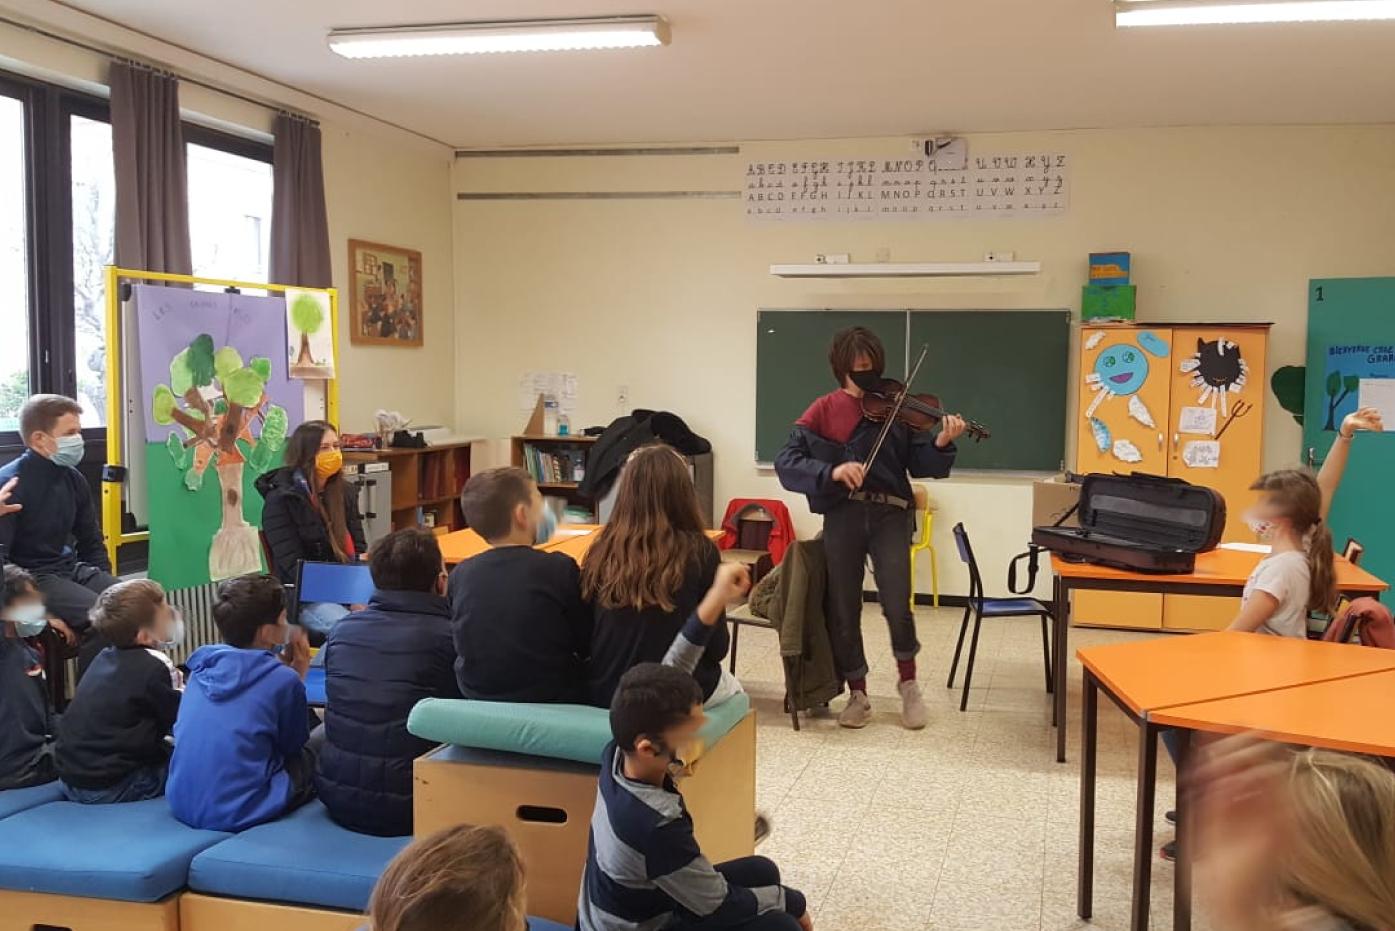 Les volontaires du REV à Vauvert : échange interculturel avec des enfants